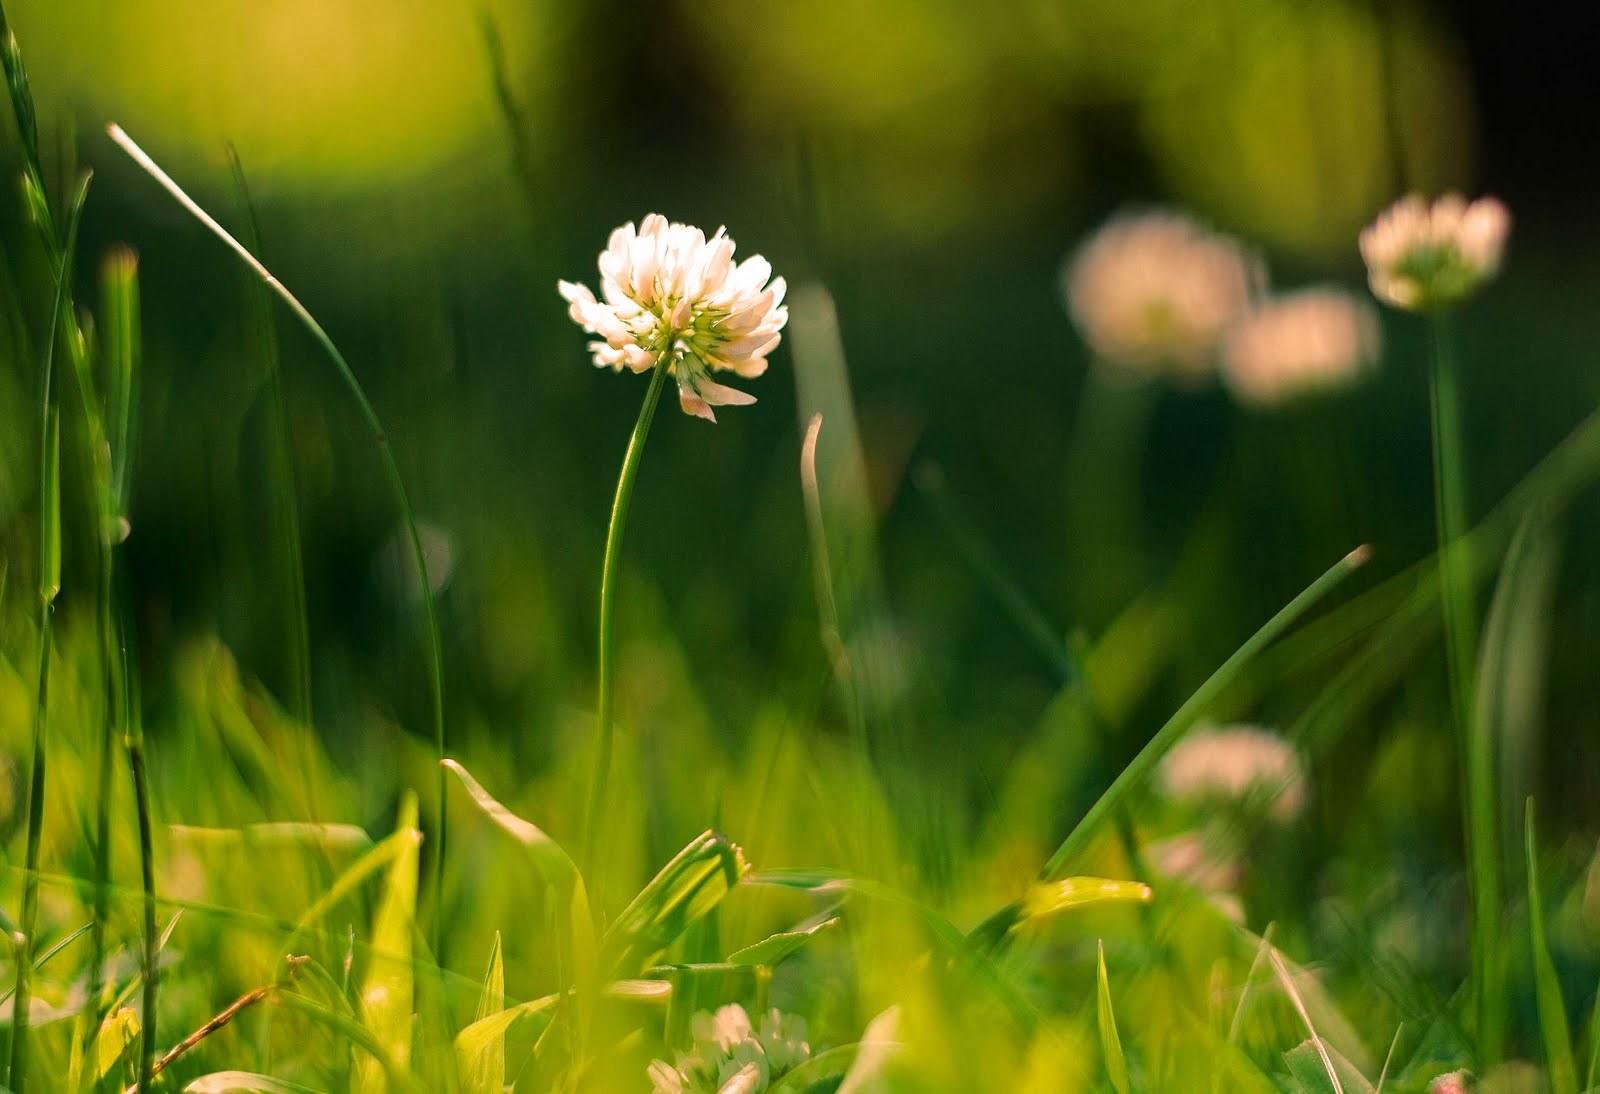 17353 скачать обои Растения, Цветы, Трава - заставки и картинки бесплатно